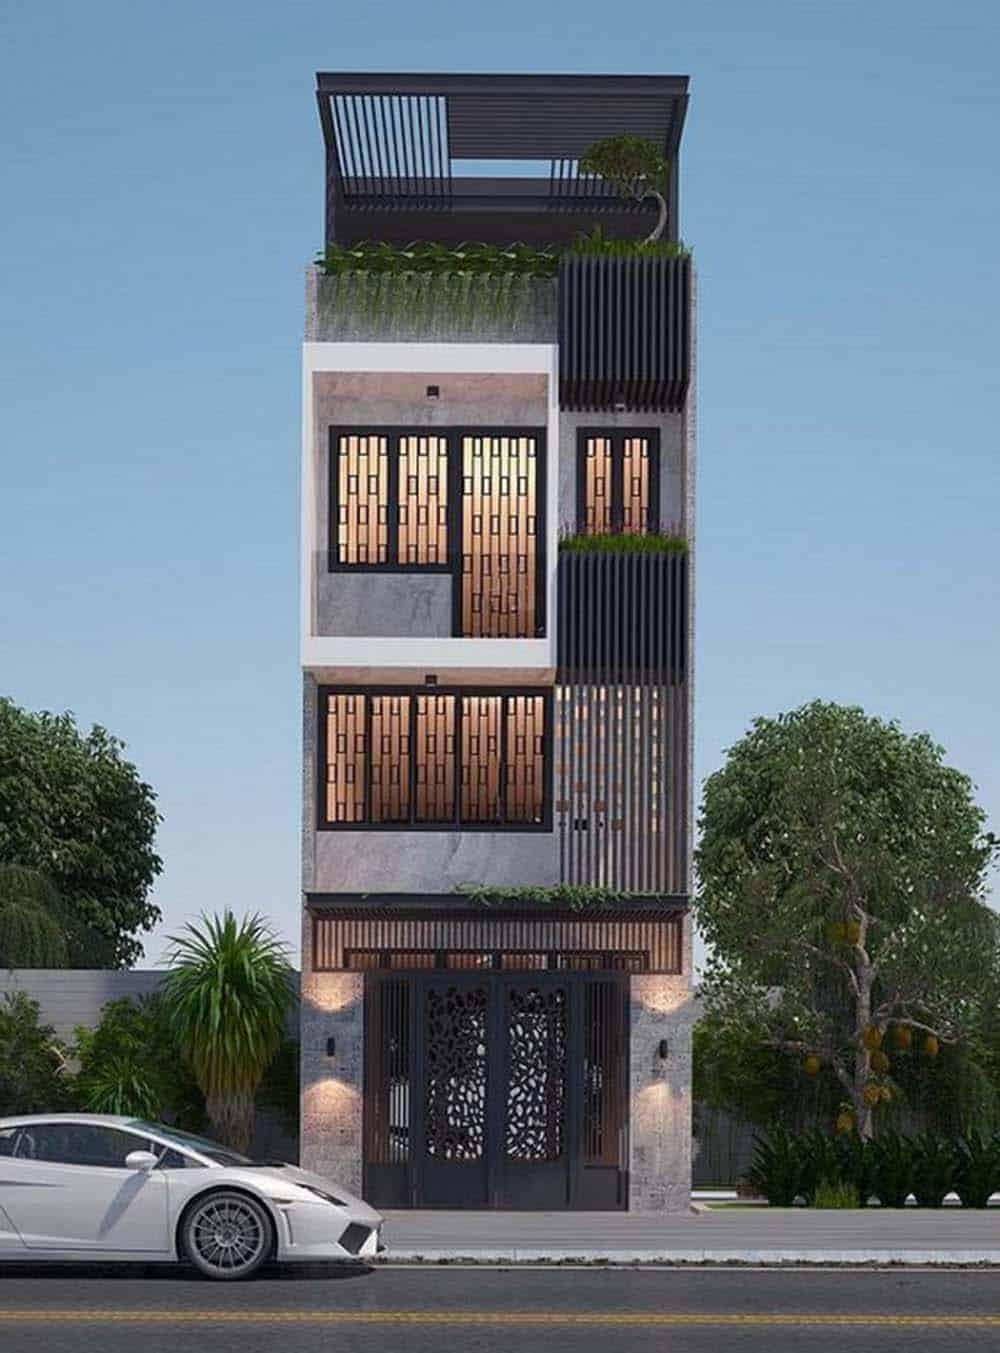 Thiết kế nhà hiện đại có 3 tầng 1 tum